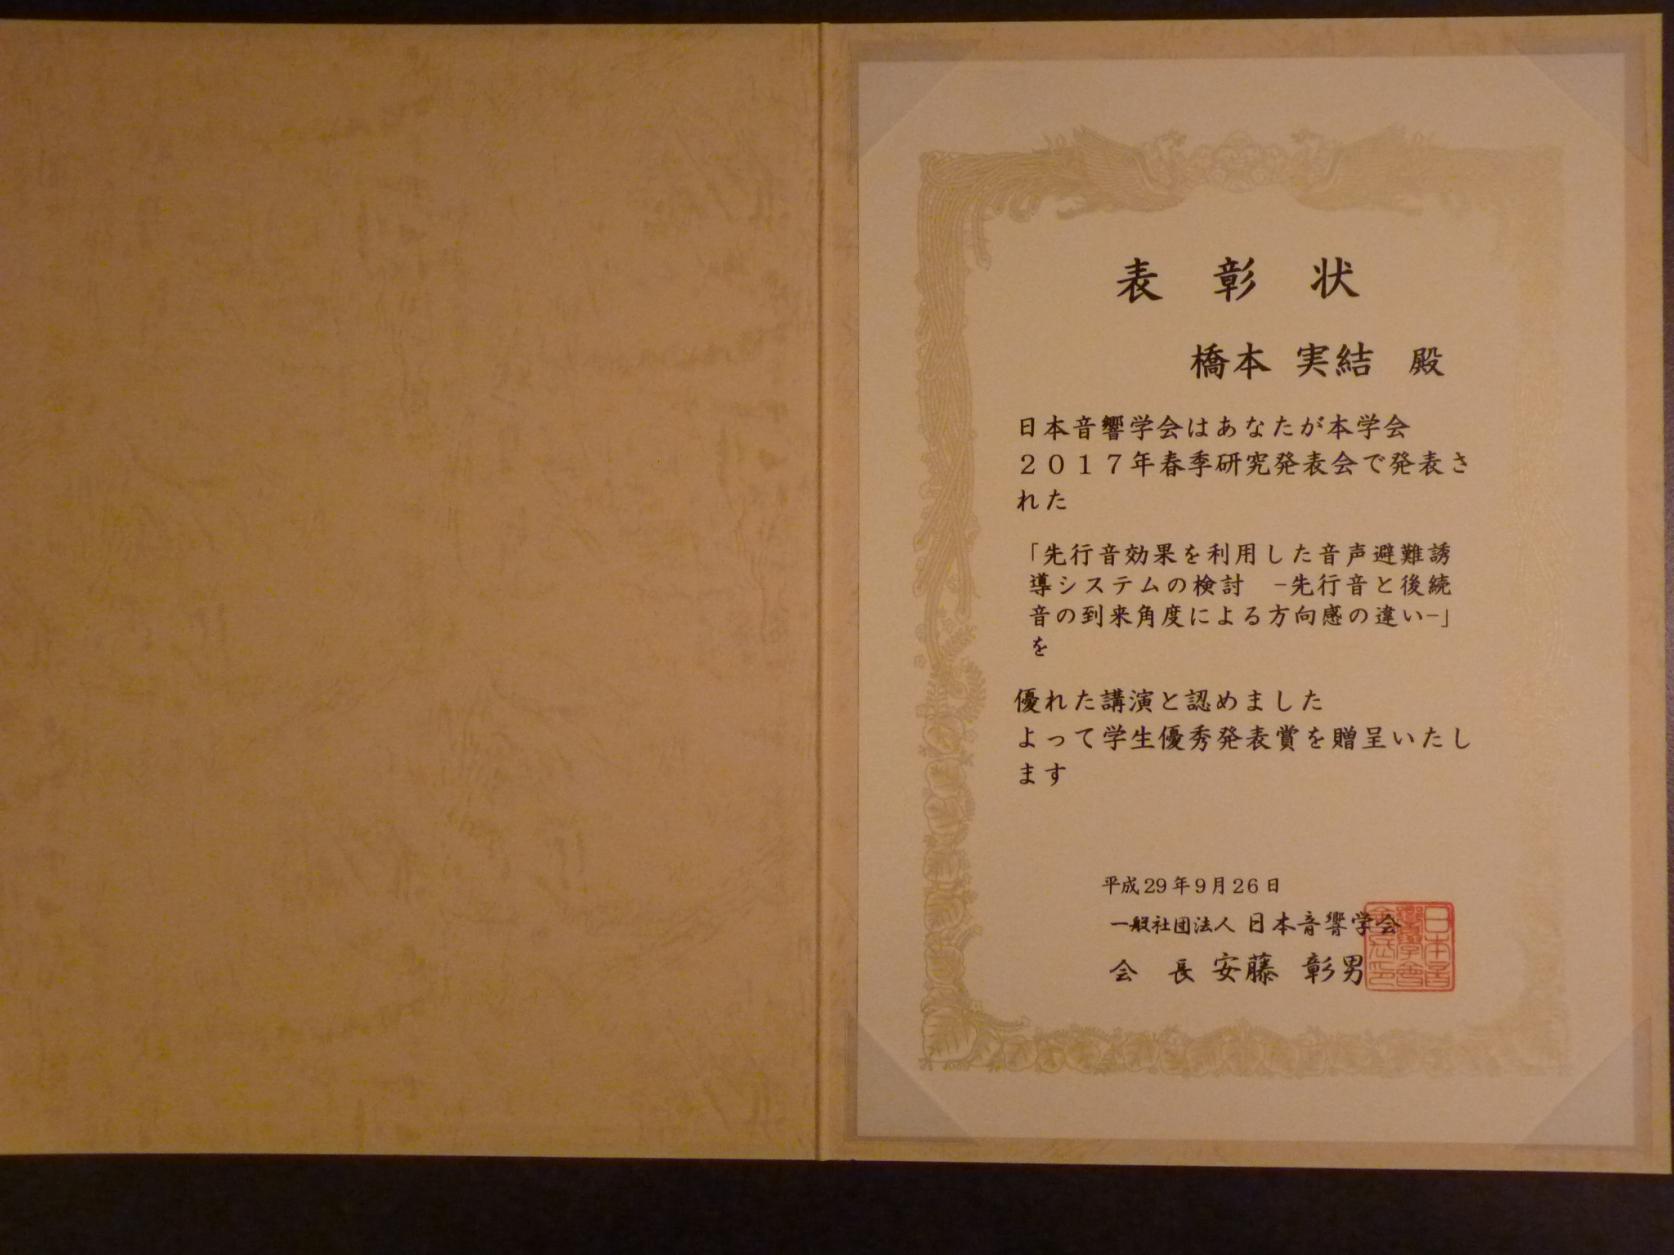 電気工学専攻博士前期課程の橋本実結さん(伊藤・大隅研究室)が平成29年度日本音響学会秋季研究発表会にて学生優秀発表賞を受賞しました。